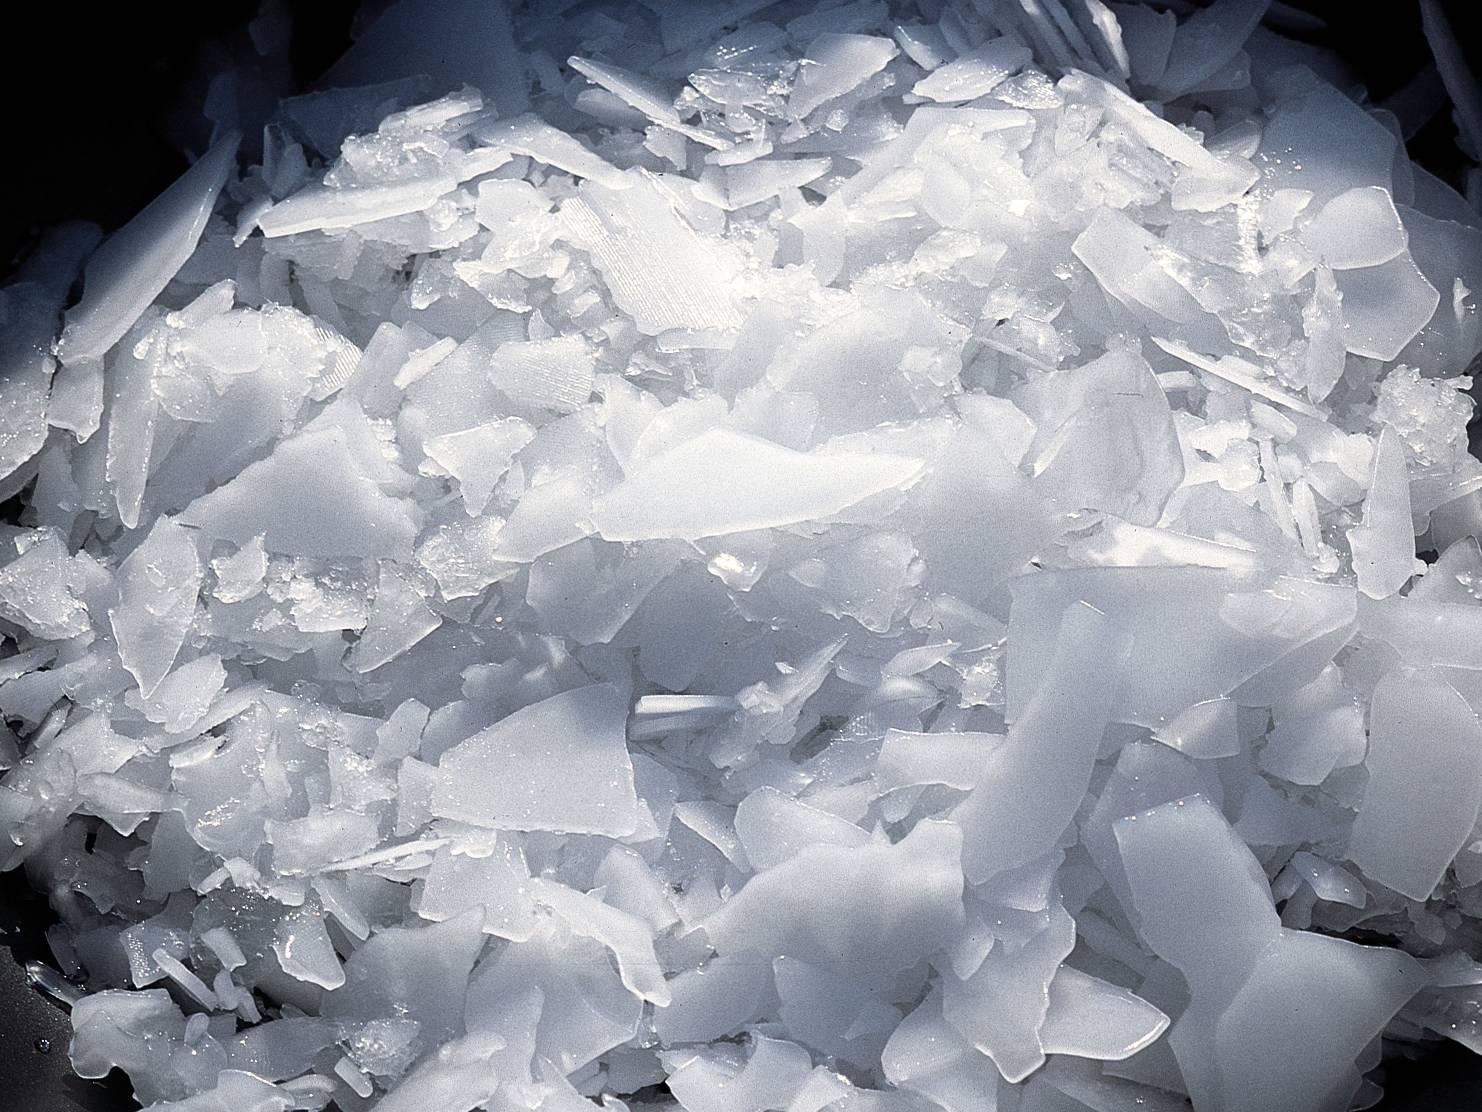 Чешуйчатый лед на продажу, производство, розничные и оптовые поставки